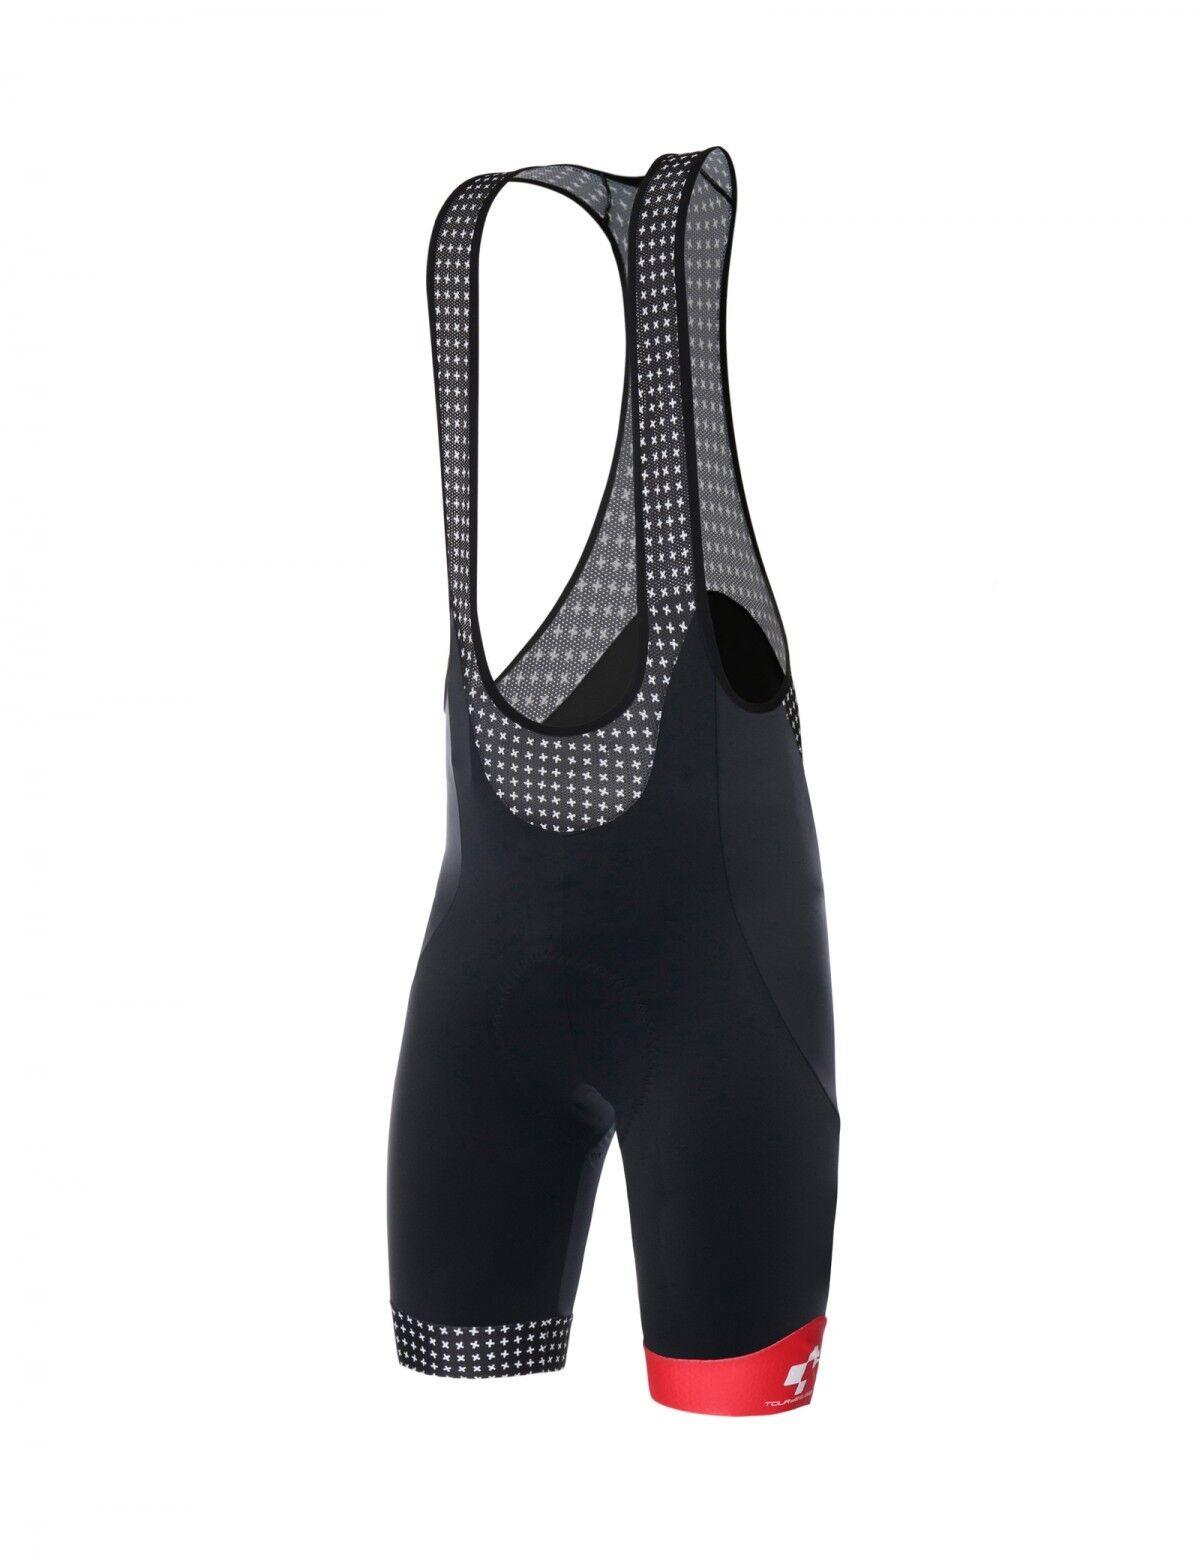 2018 Tour de Suisse Helvetia  Ciclismo mono Pantalones cortos-por Santini  suministro de productos de calidad